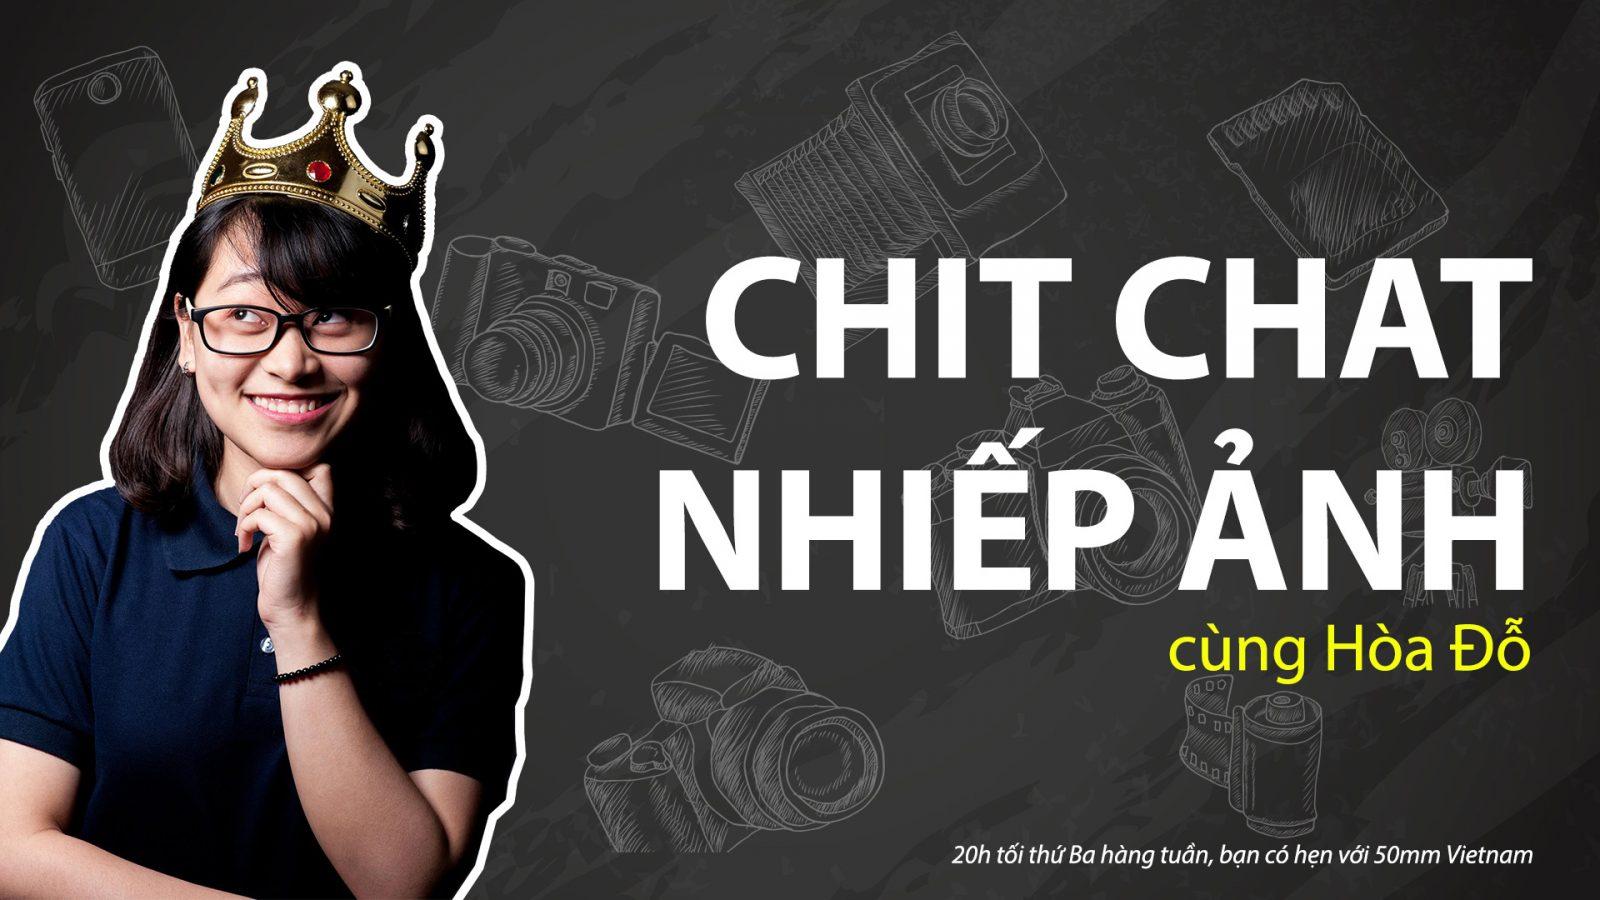 Chit chat Nhiếp ảnh cùng Hòa Đỗ - Tập 2 | 50mm Vietnam